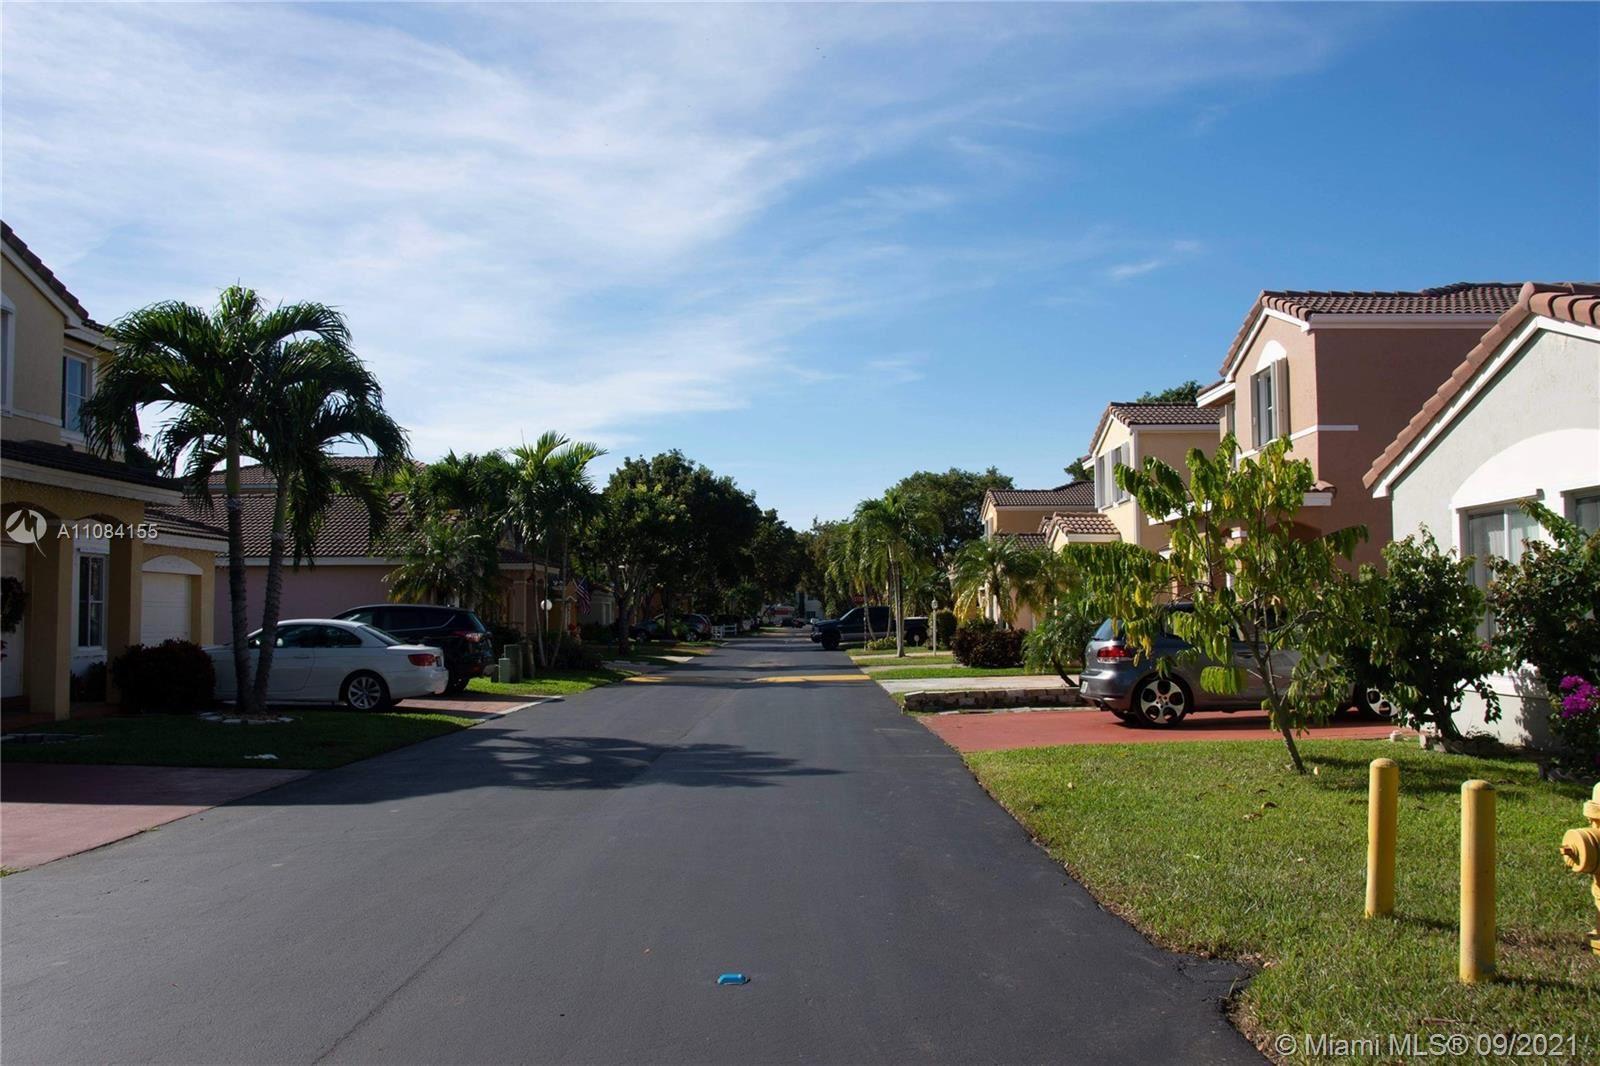 16458 SW 97th St #16458, Miami, FL 33196 - #: A11084155